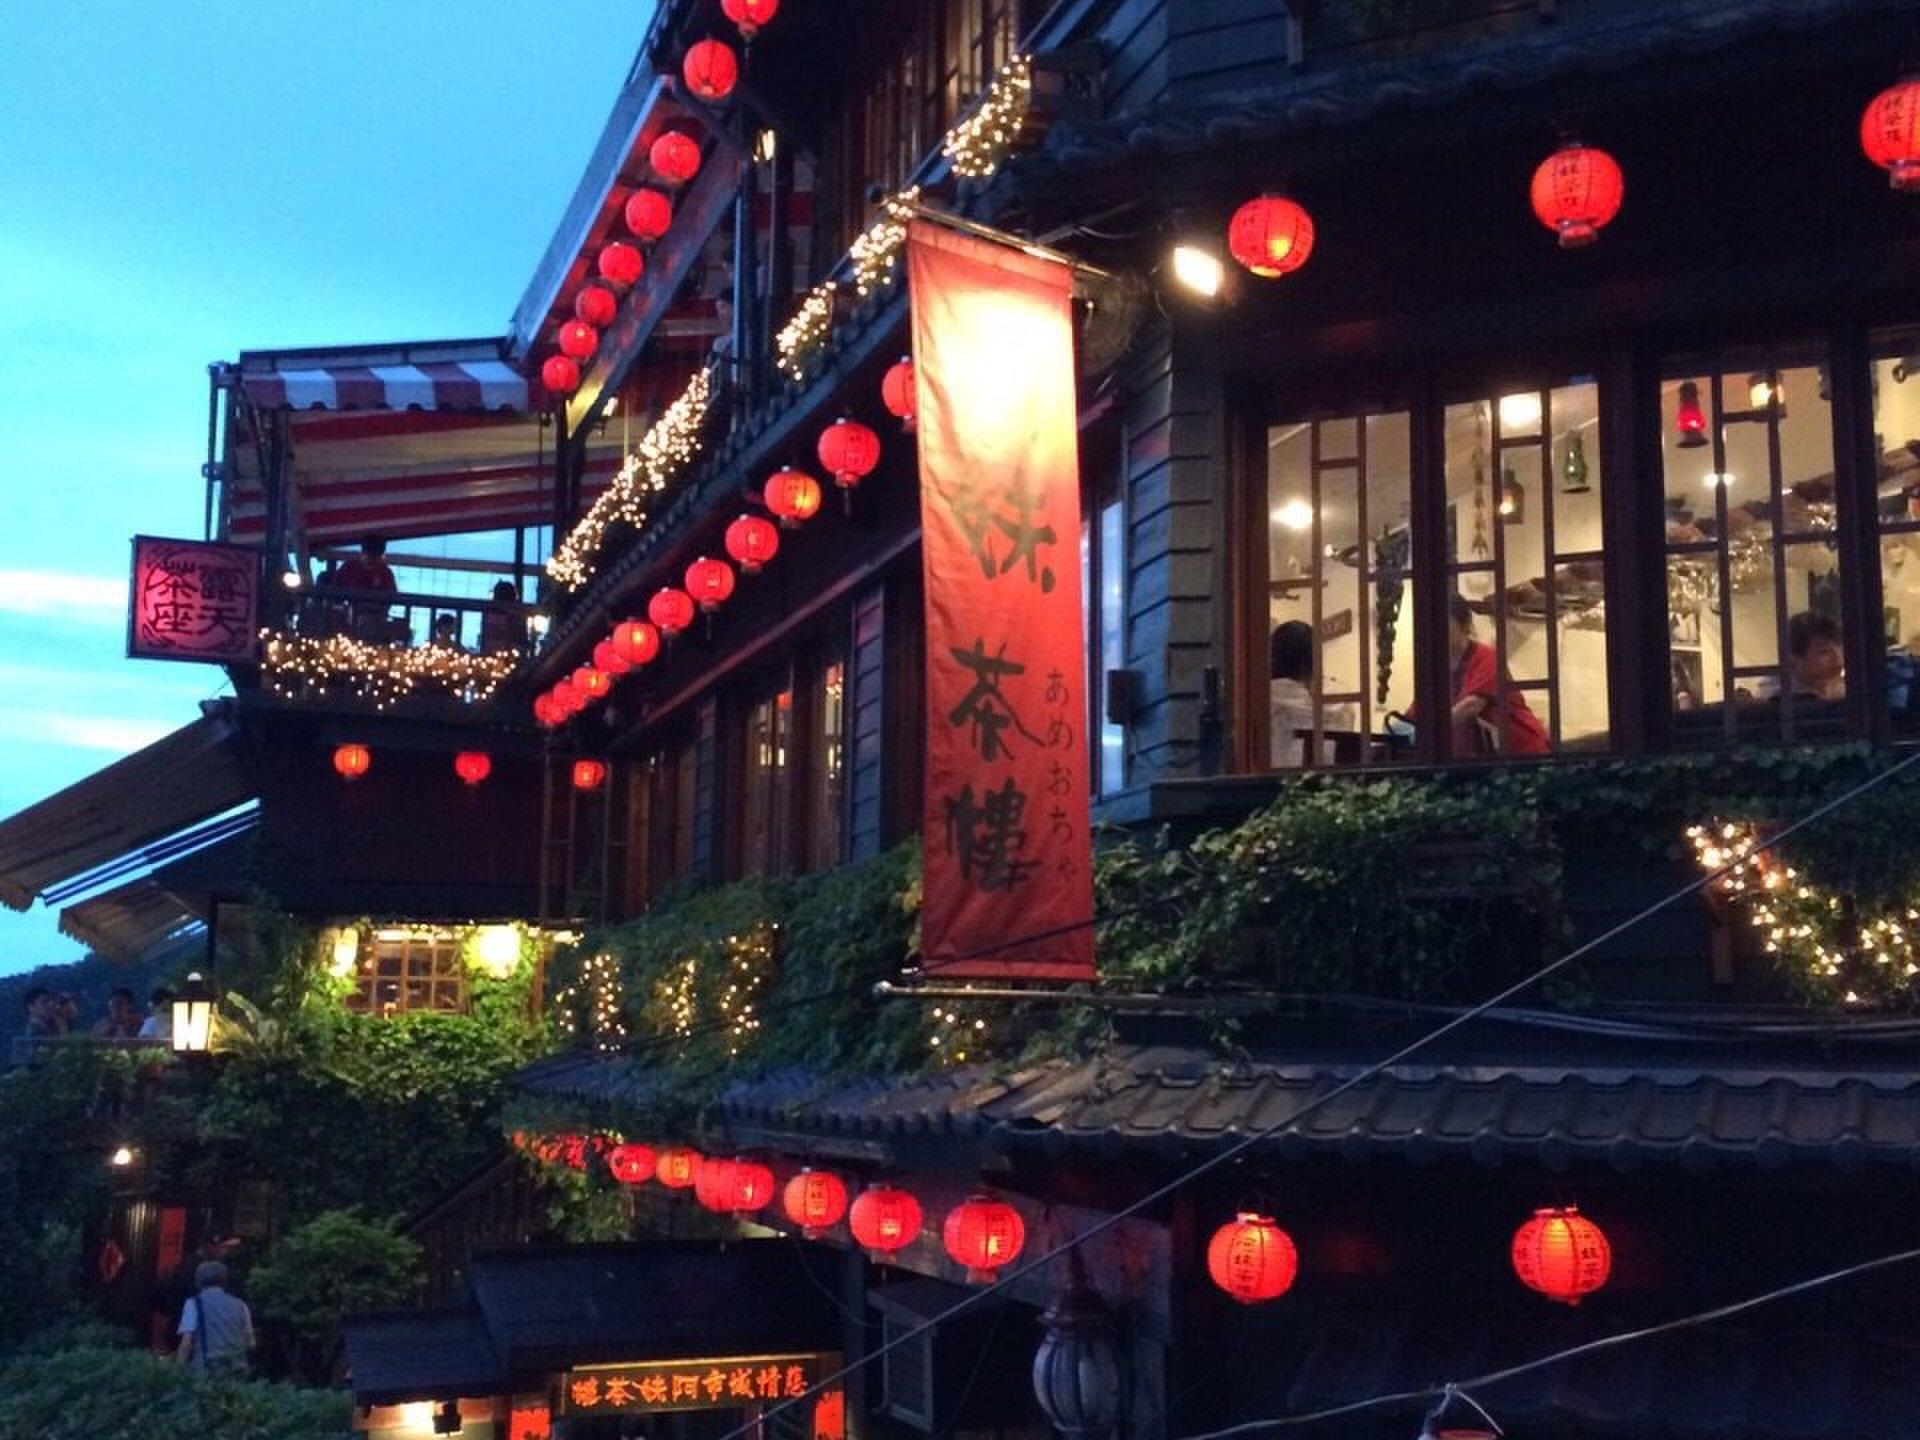 【2泊3日×台湾】厳選おすすめスポットを詰め込んだ満足プラン!無駄なく台湾の観光地を巡ろう